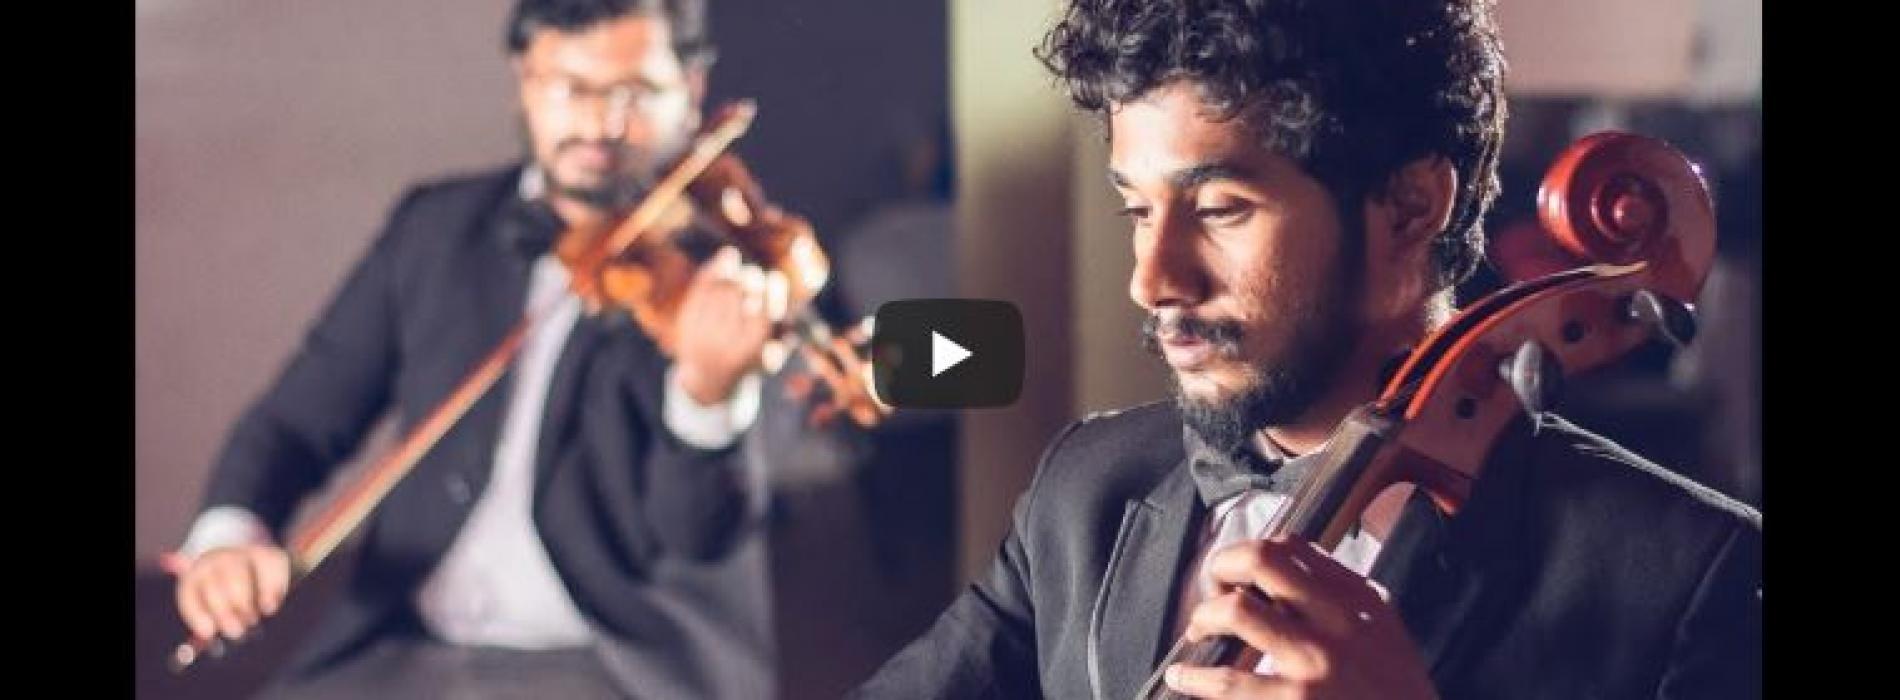 Ganga Addara  ගඟ අද්දර  (Cover) – Oshan Kumarathunga, Andrew Withana, Jaaga Gray, Dilshan Malitha